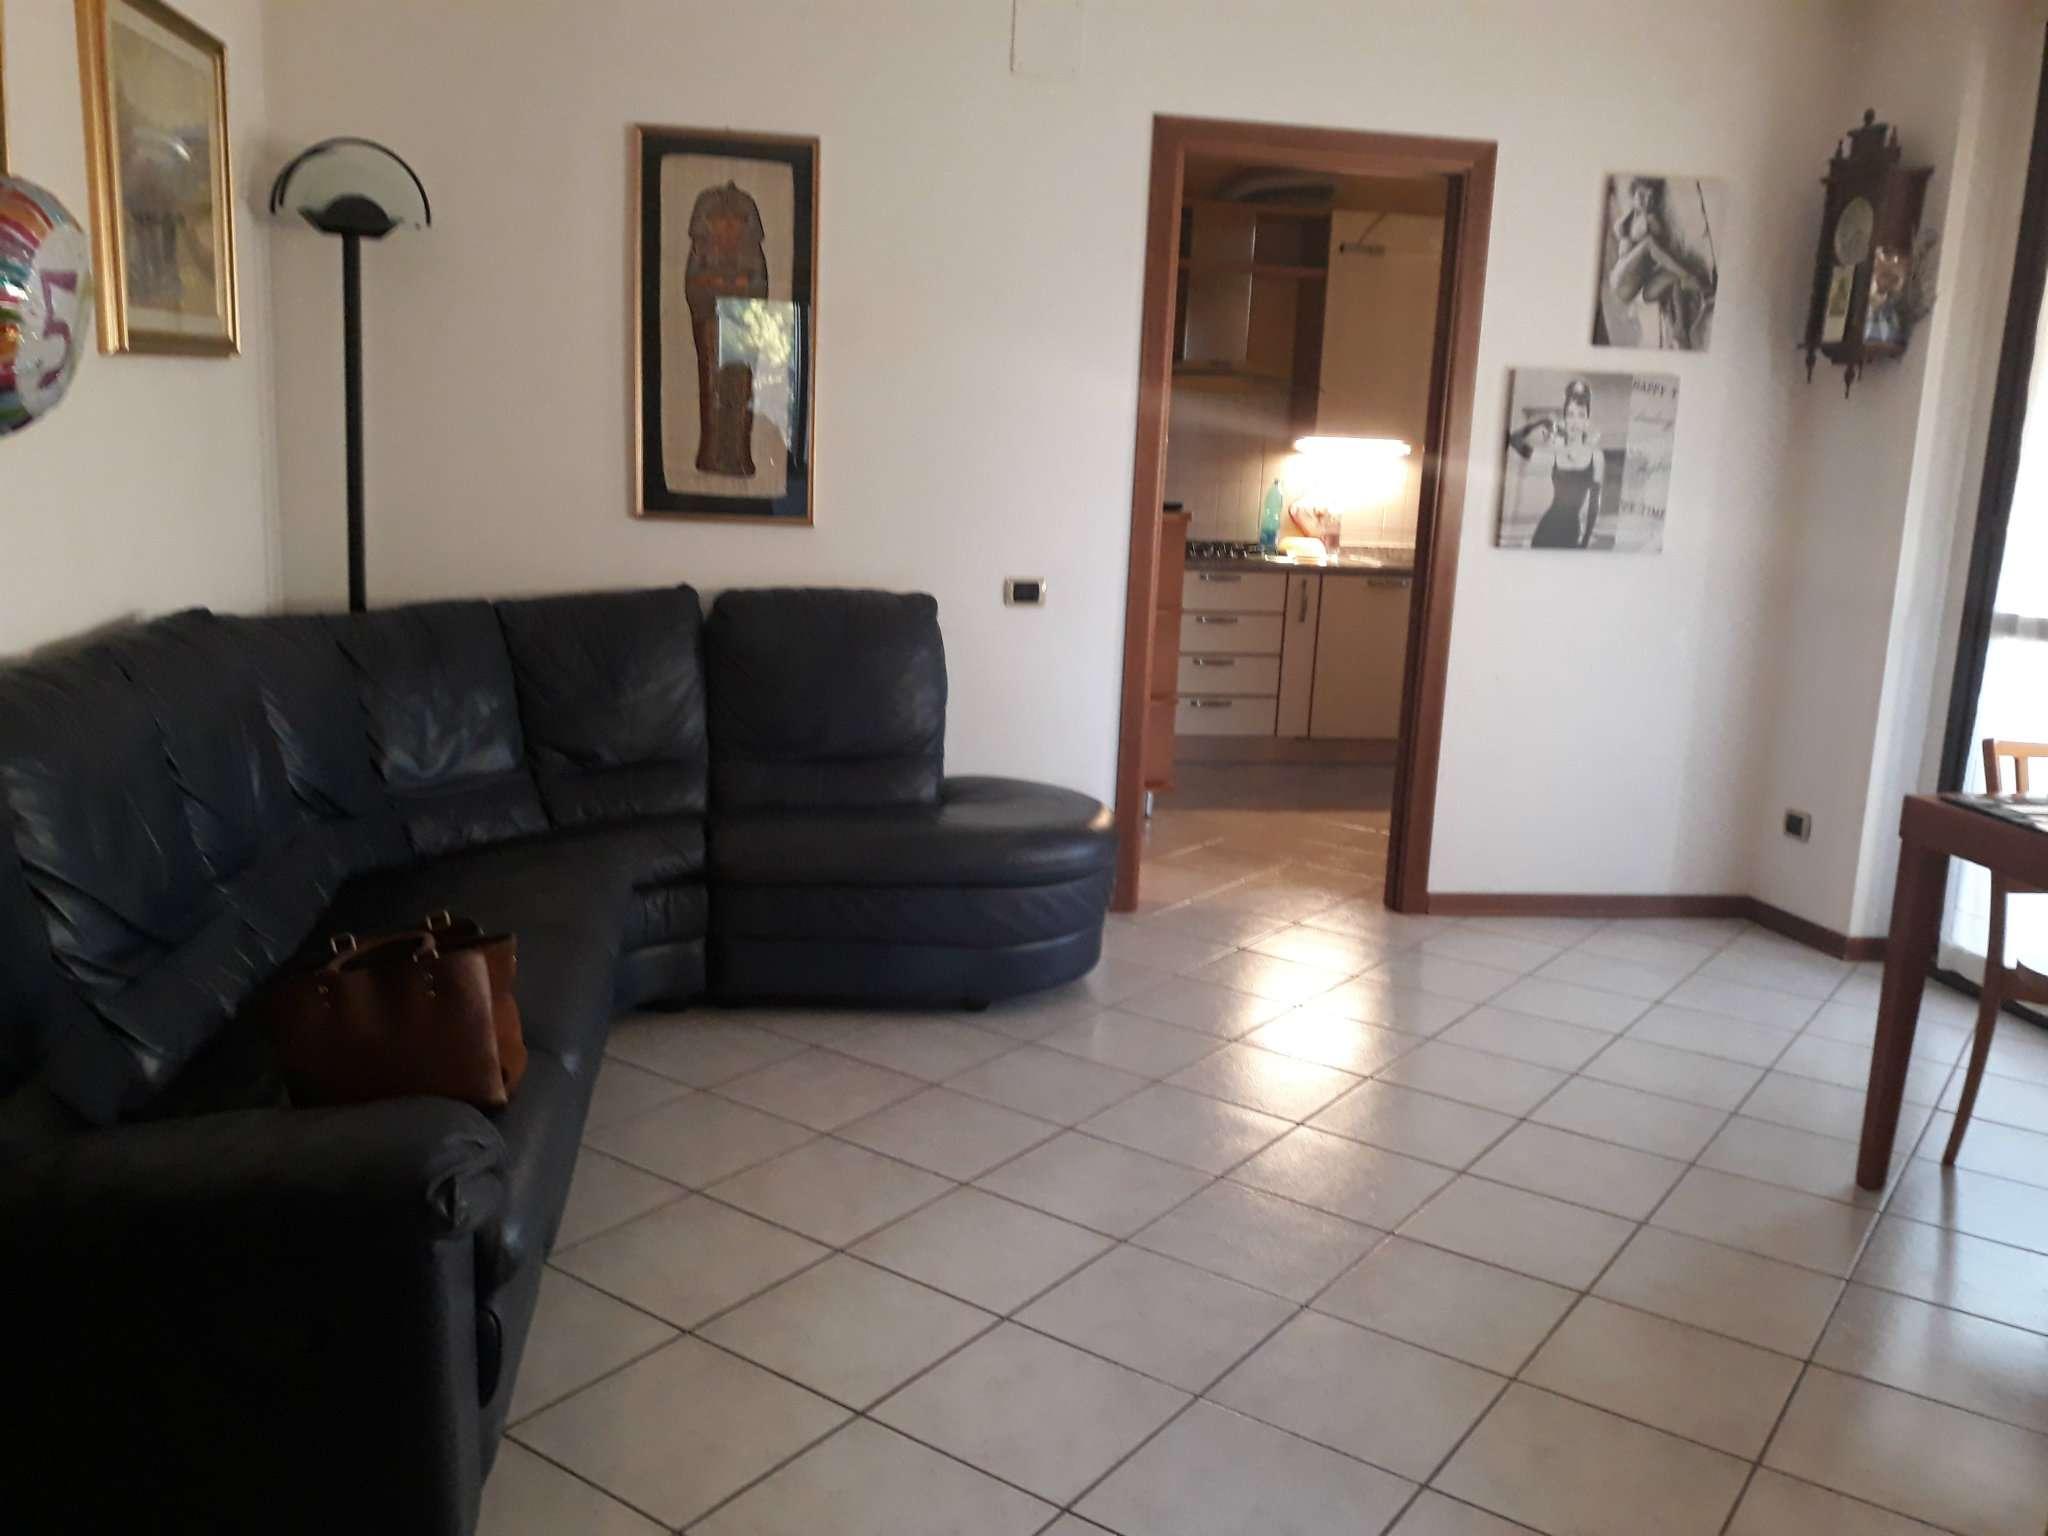 Appartamento in vendita 5 vani 140 mq.  via del Piovano Arlotto Firenze